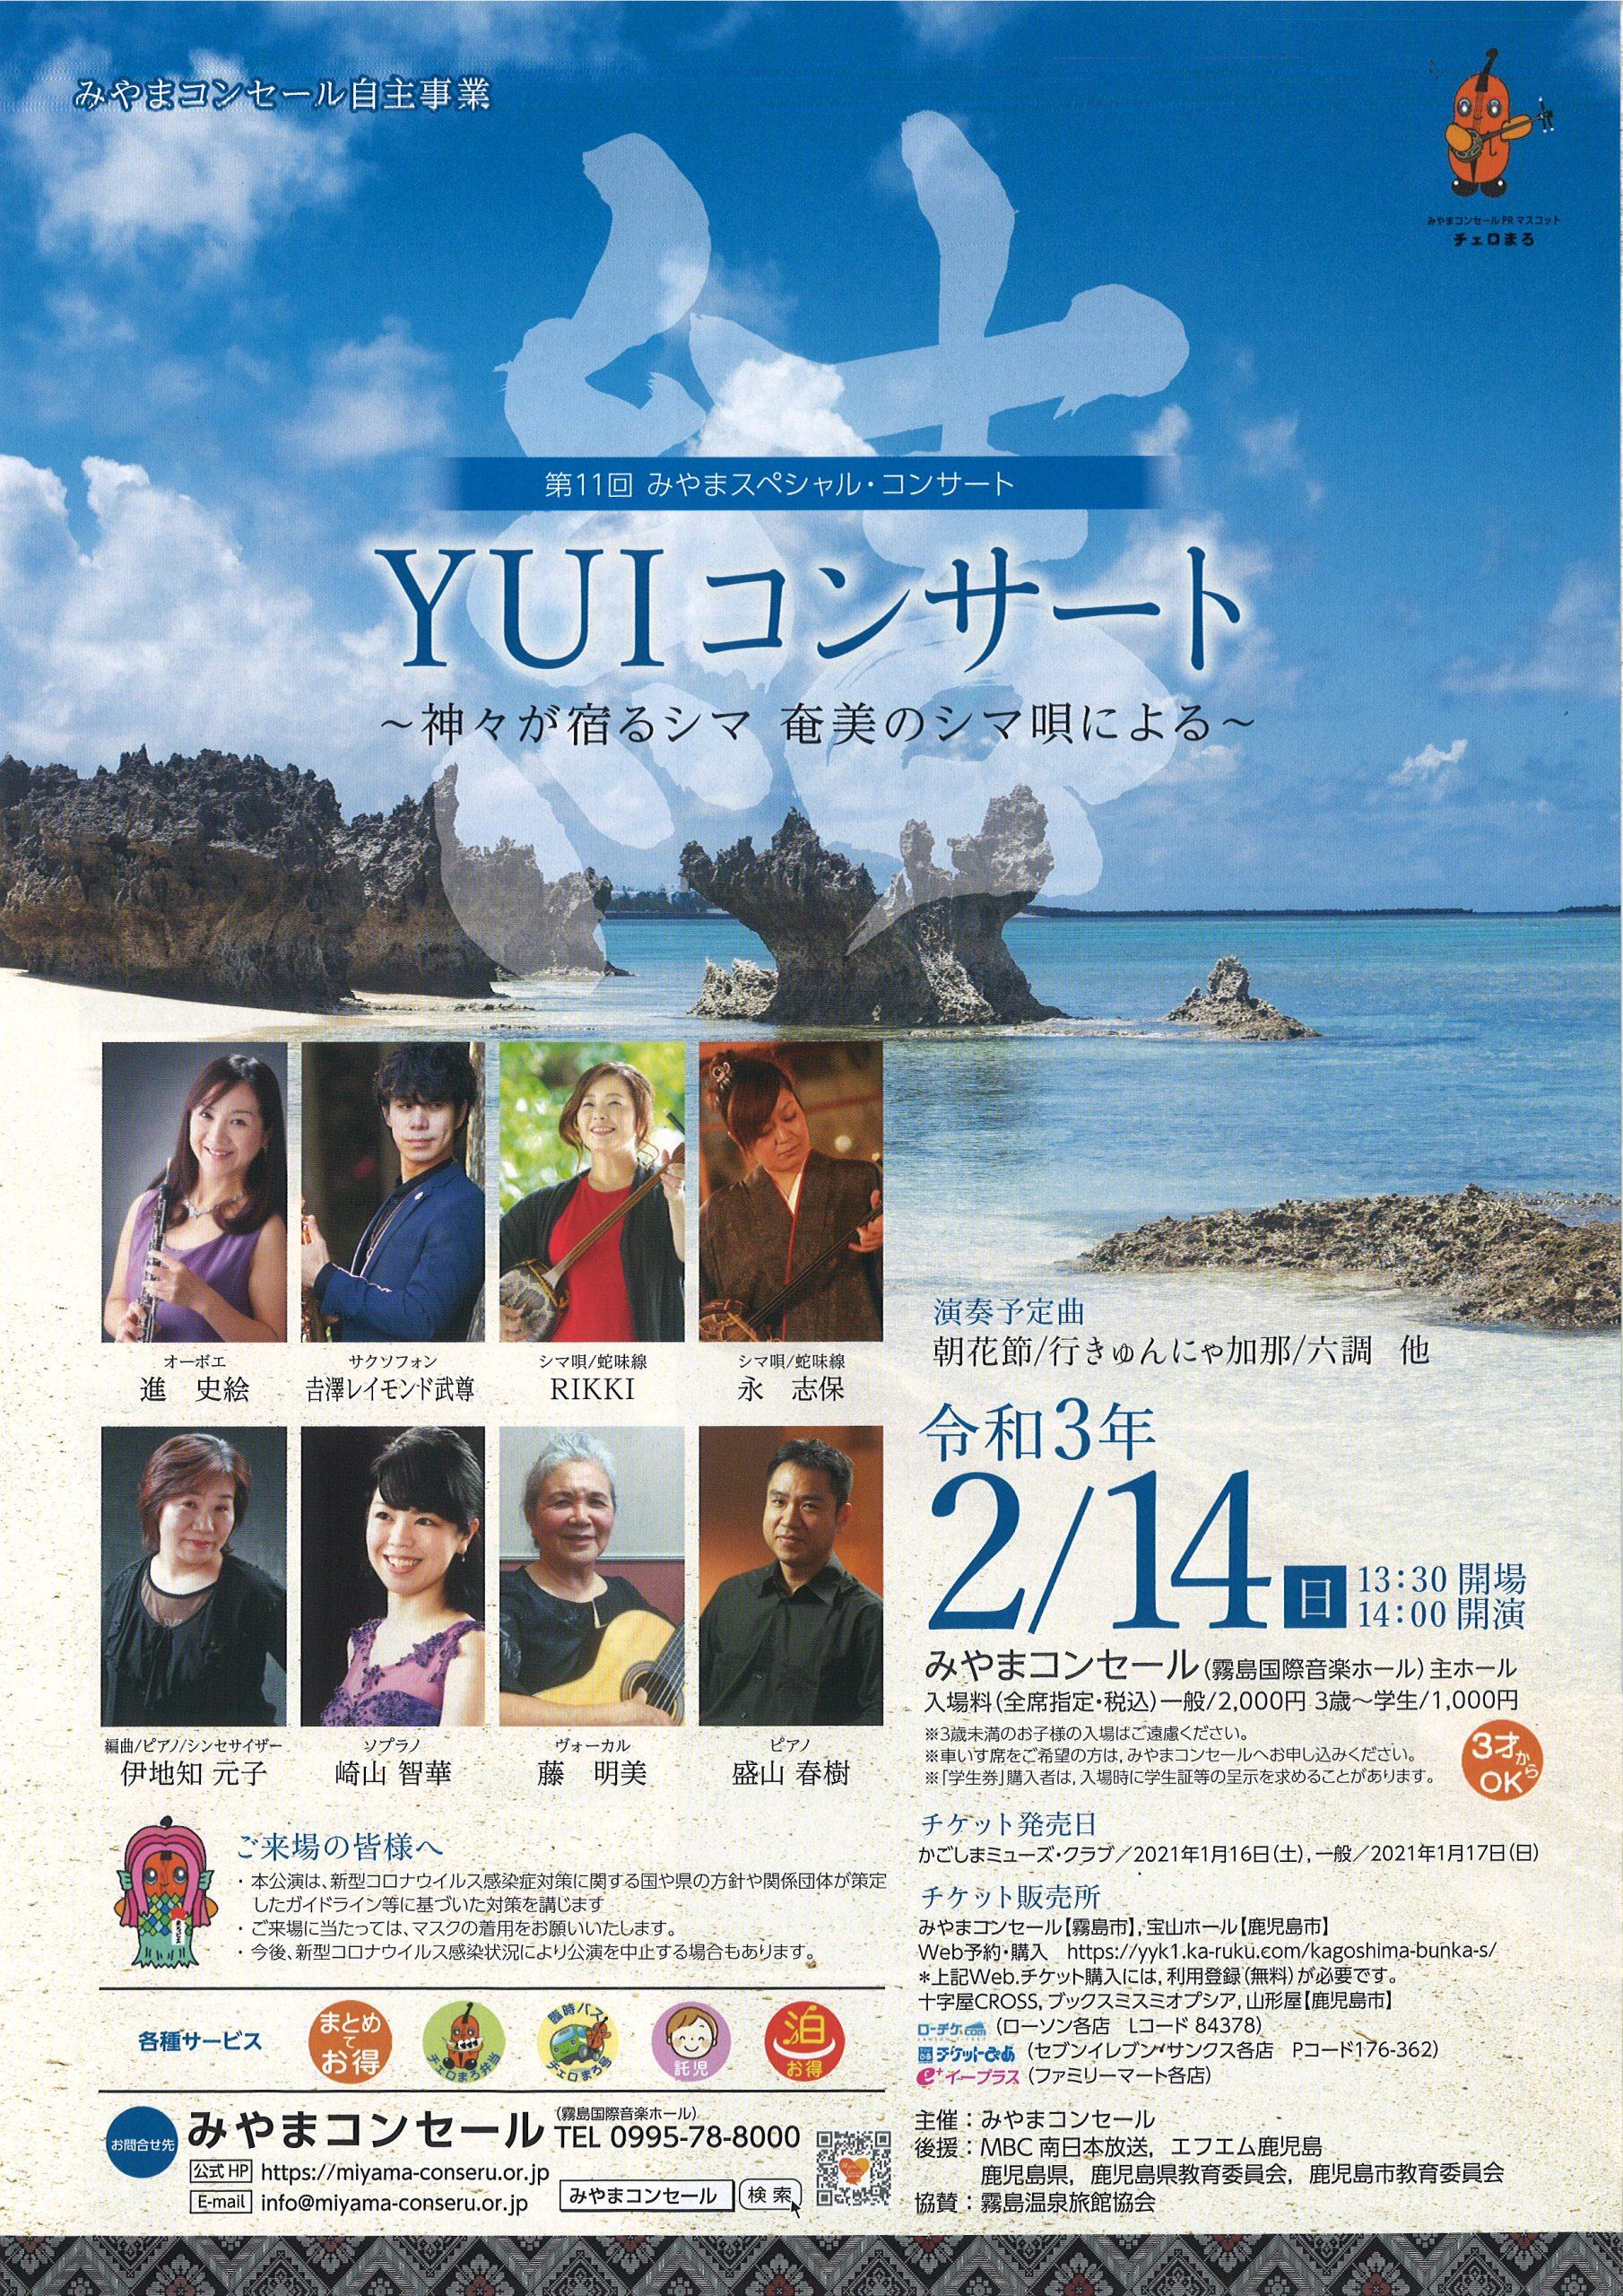 第11回みやまスペシャルコンサート 「結(YUI)コンサート~神々が宿るシマ 奄美のシマ唄による~」